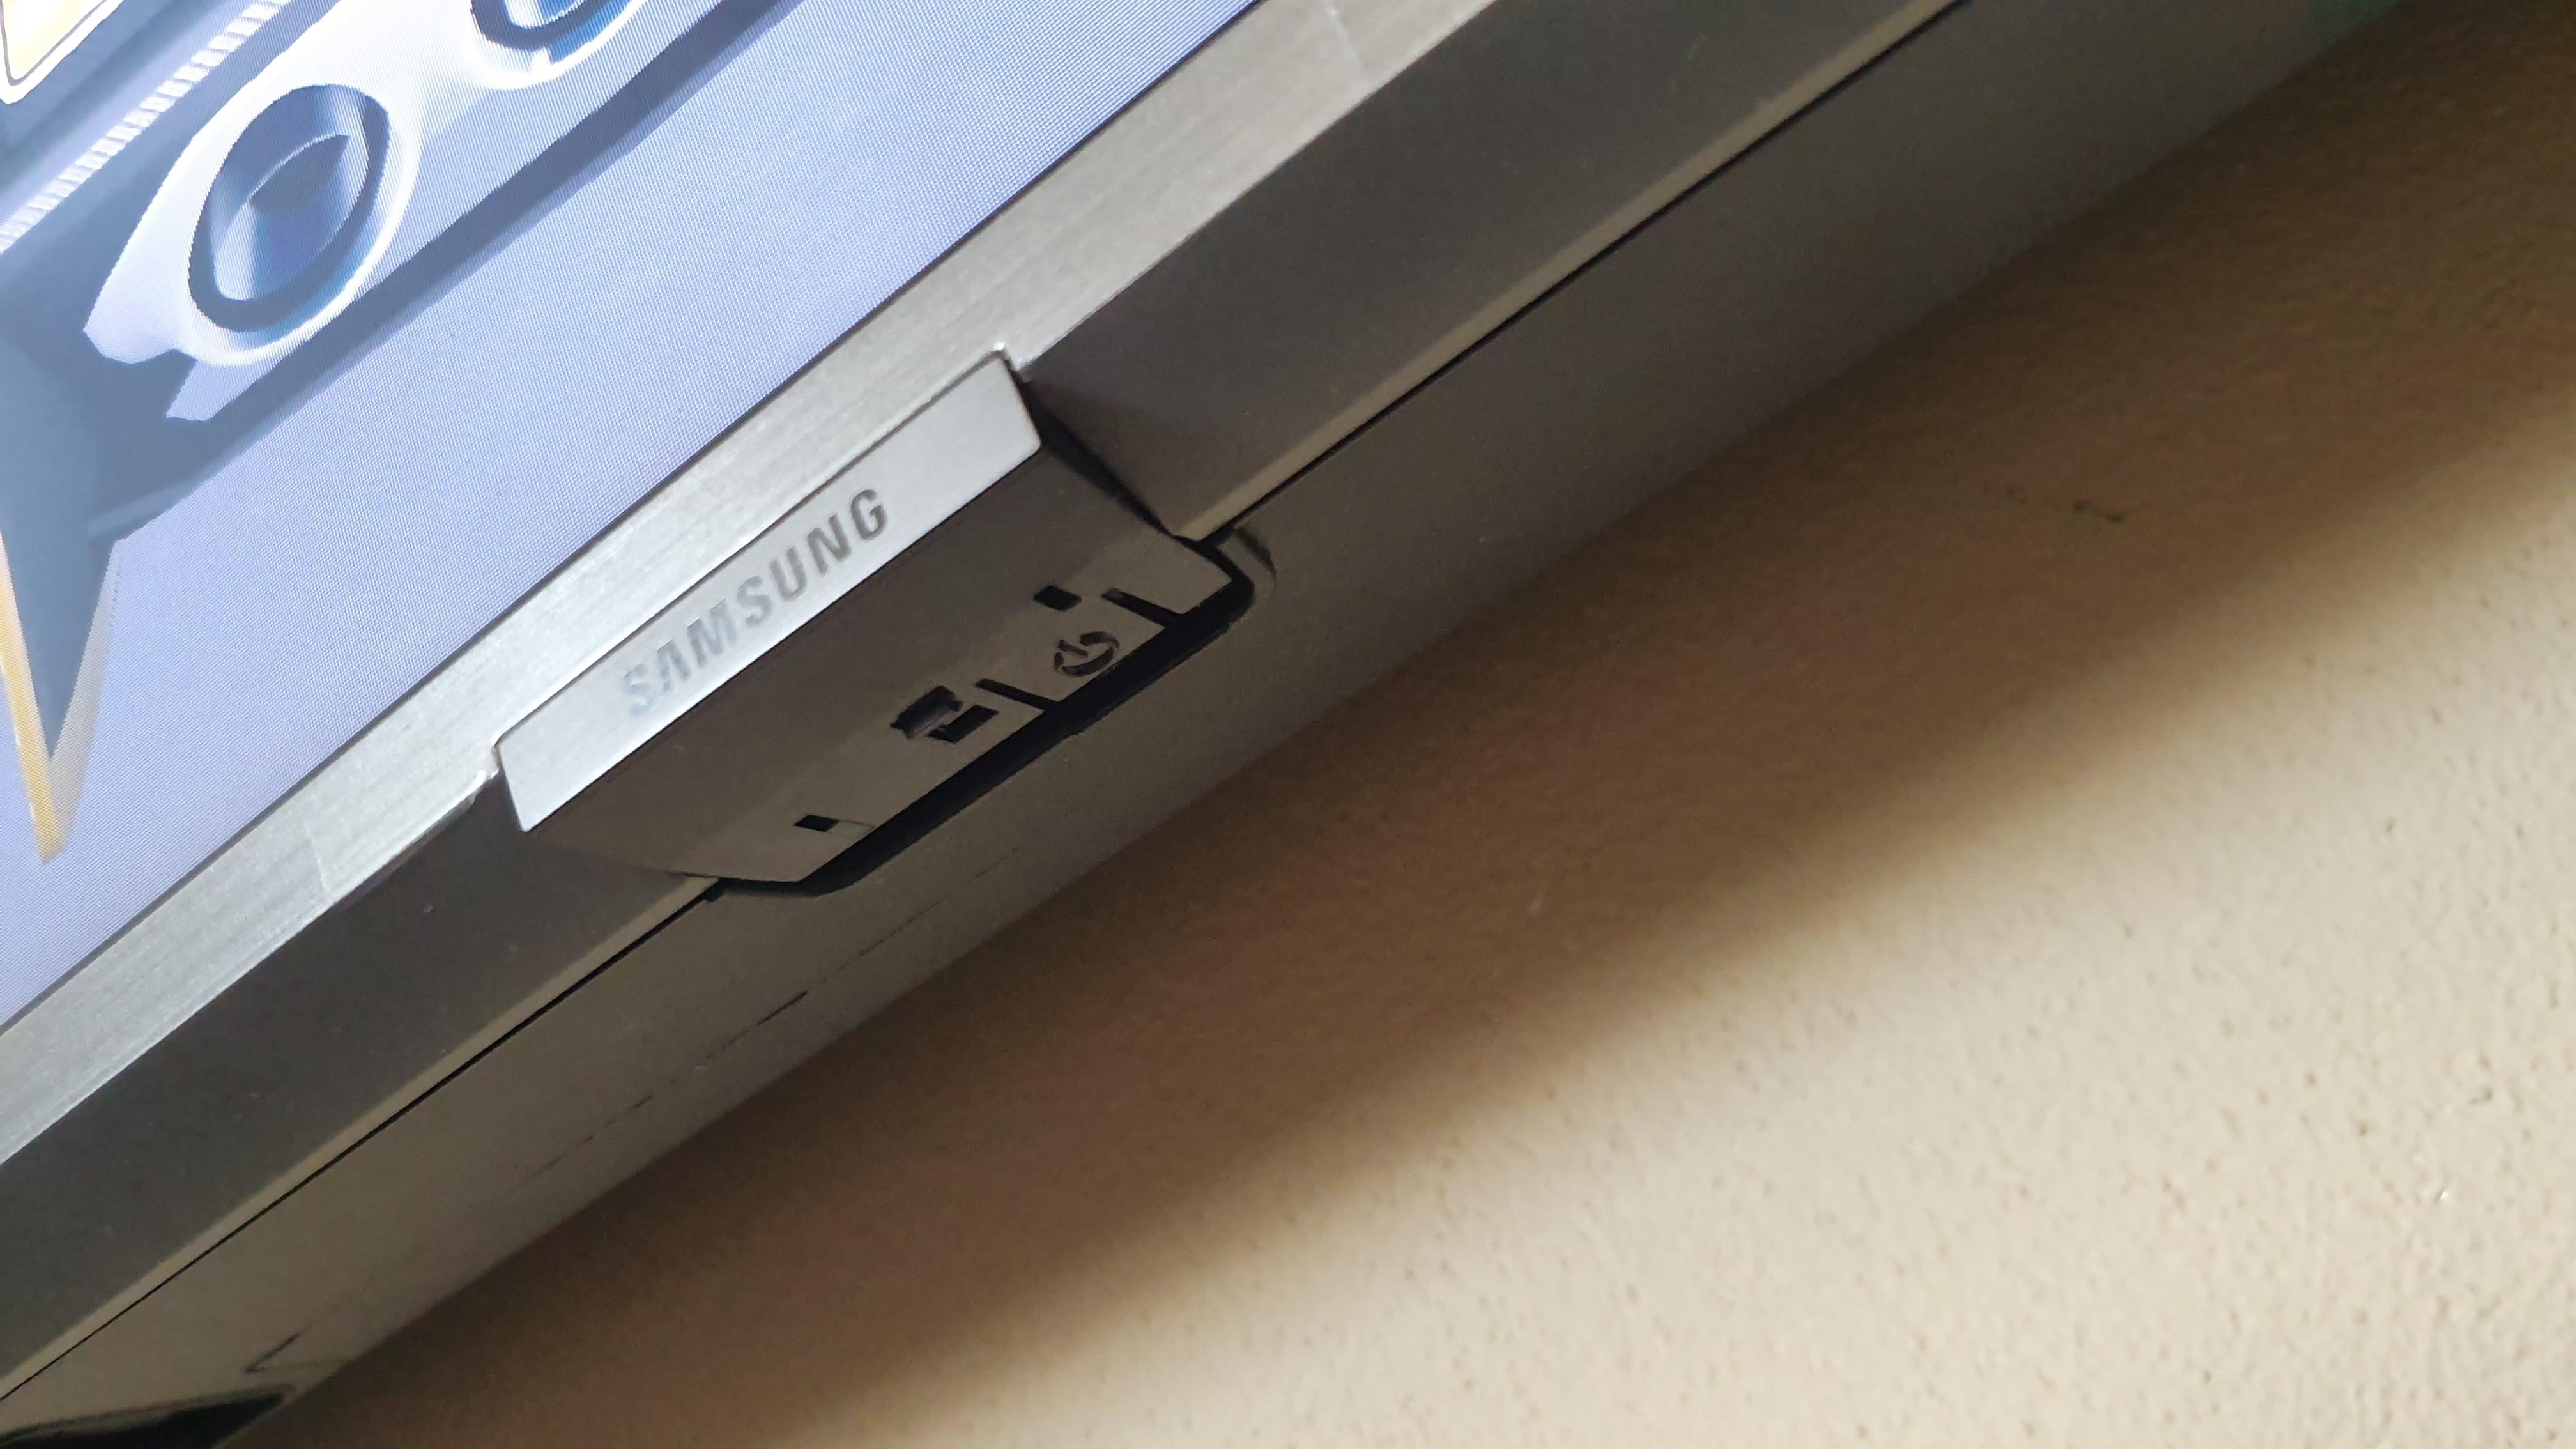 8c347b795 Skrytý ovládač je v spodnom logu TV, ak by ste chceli rýchlo vypnúť alebo  zapnúť aj bez ovládania